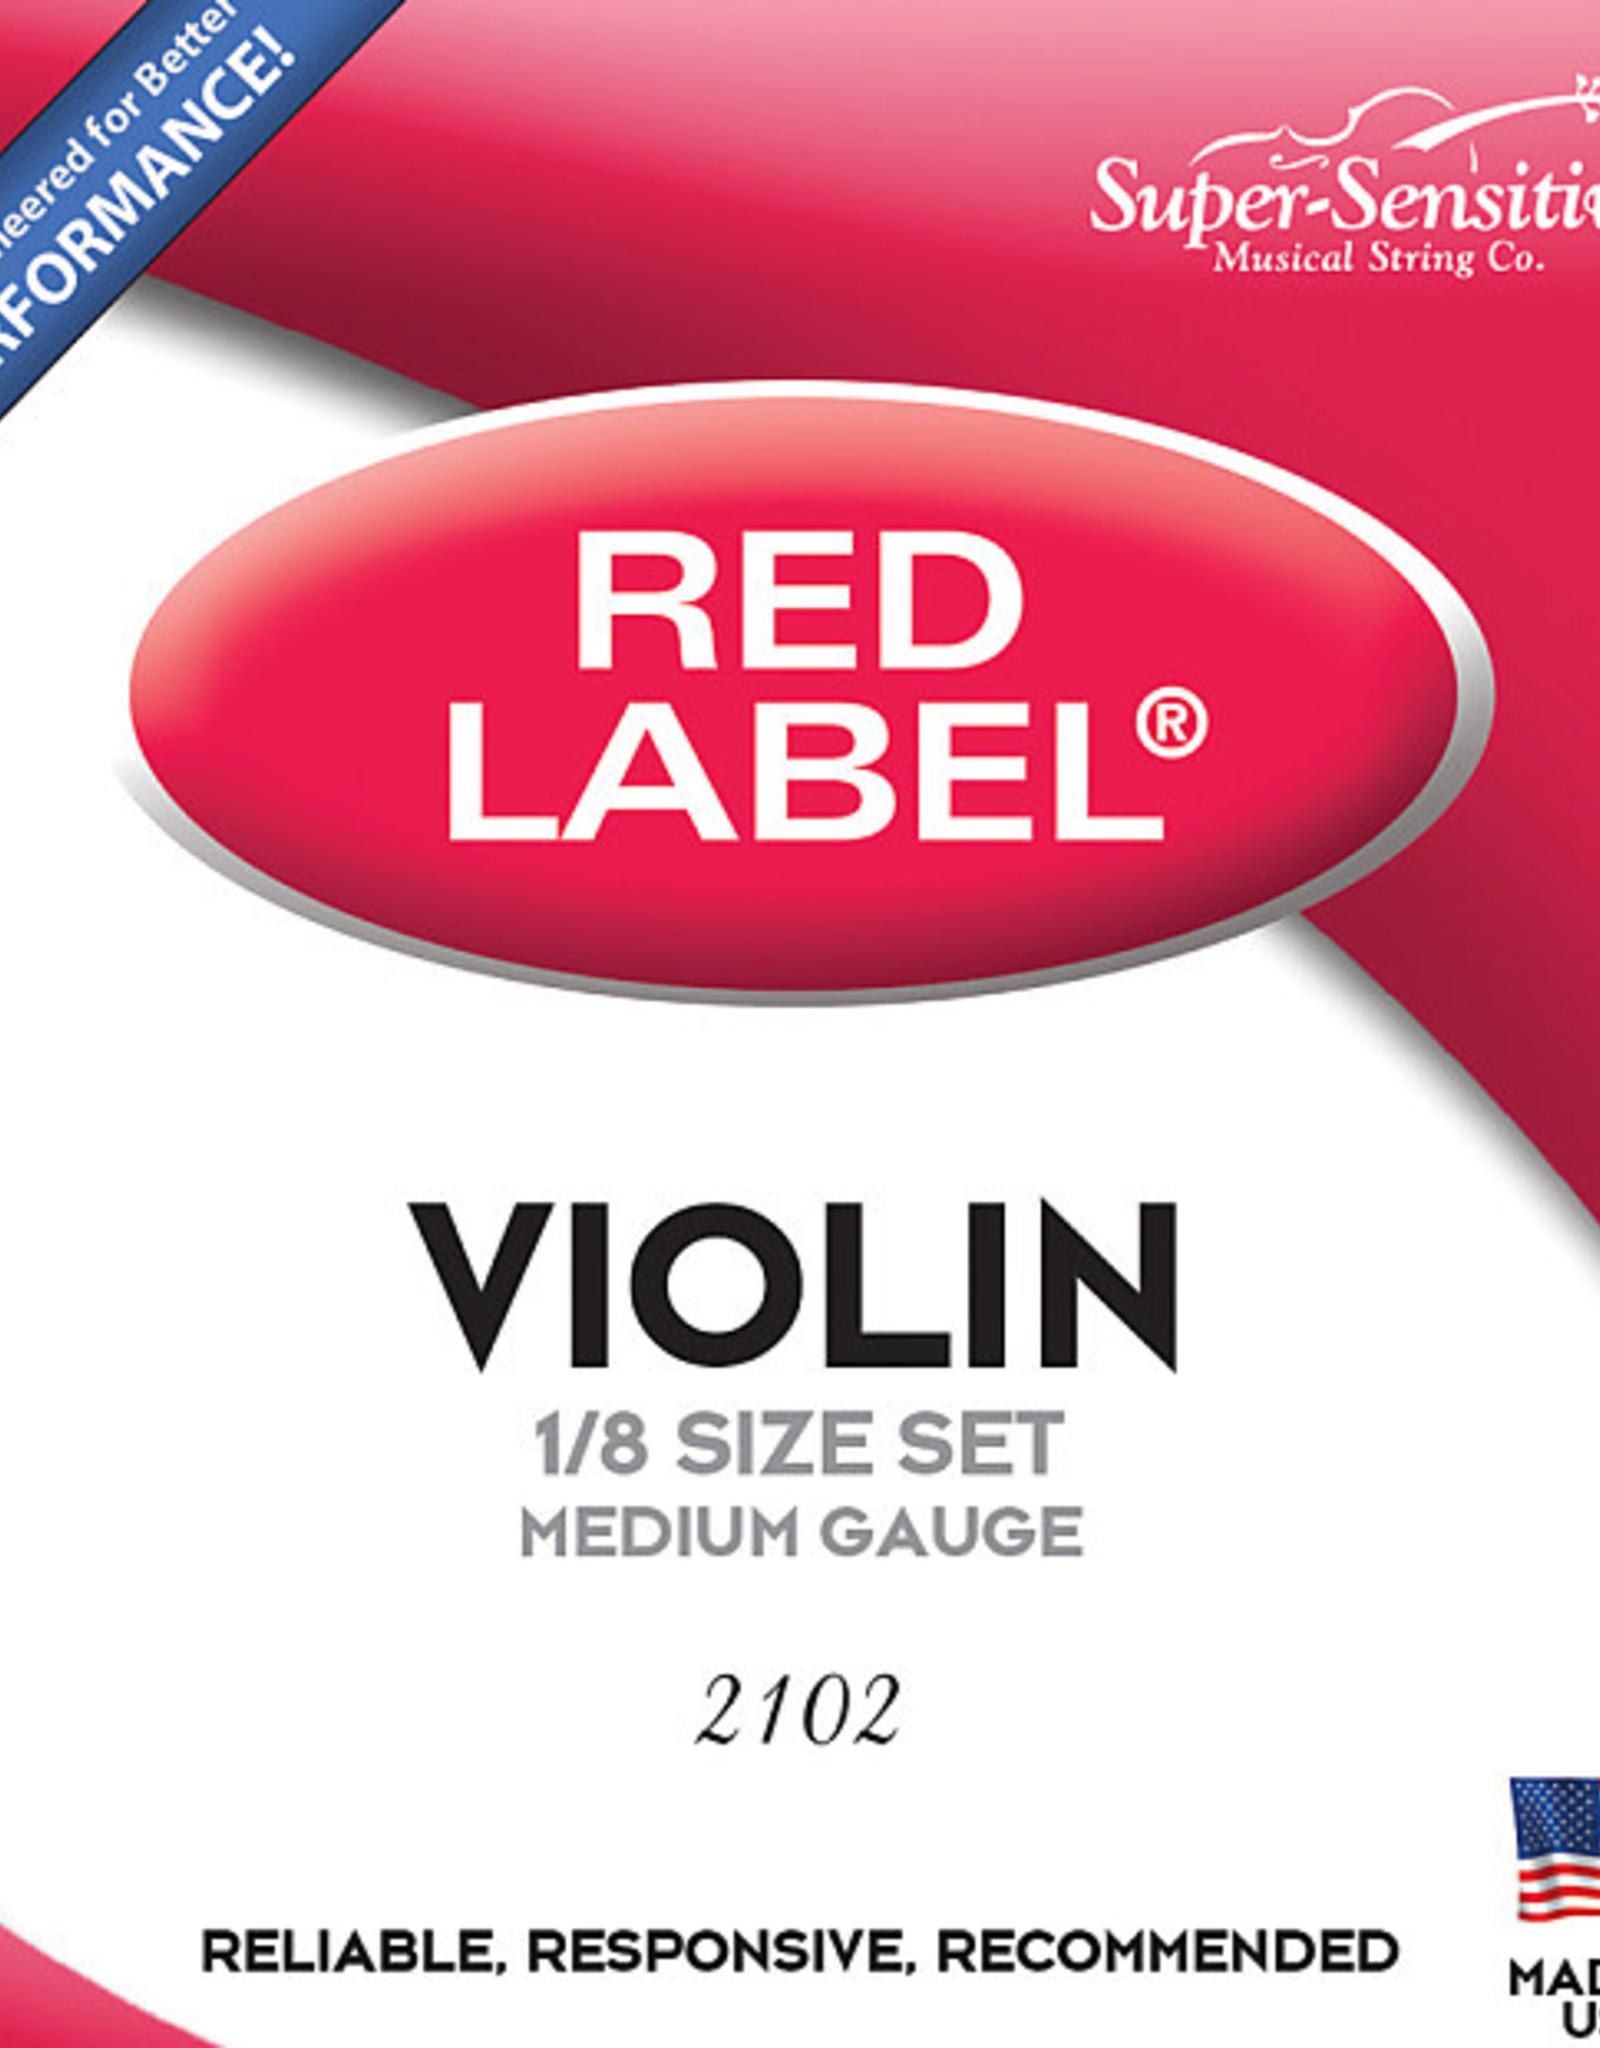 Supersensitive VIOLIN SUPER-SENSITIVE RED LABEL SET 3/4 ORCH